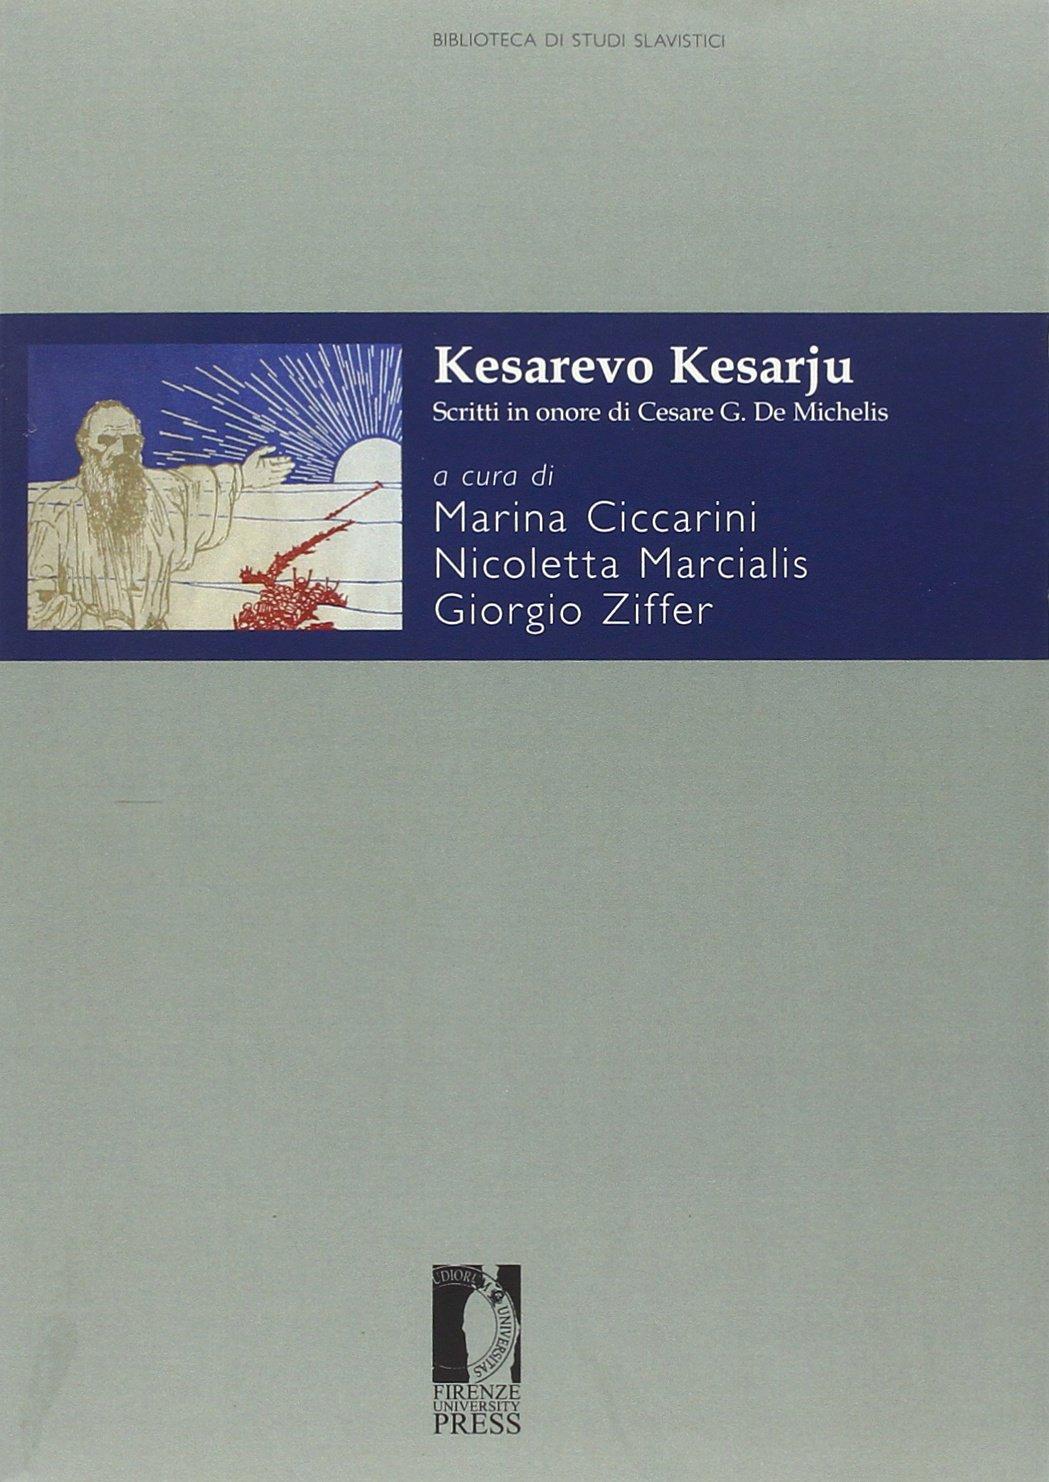 Kesarevo Kesarju. Scritti in onore di Cesare G. de Michelis